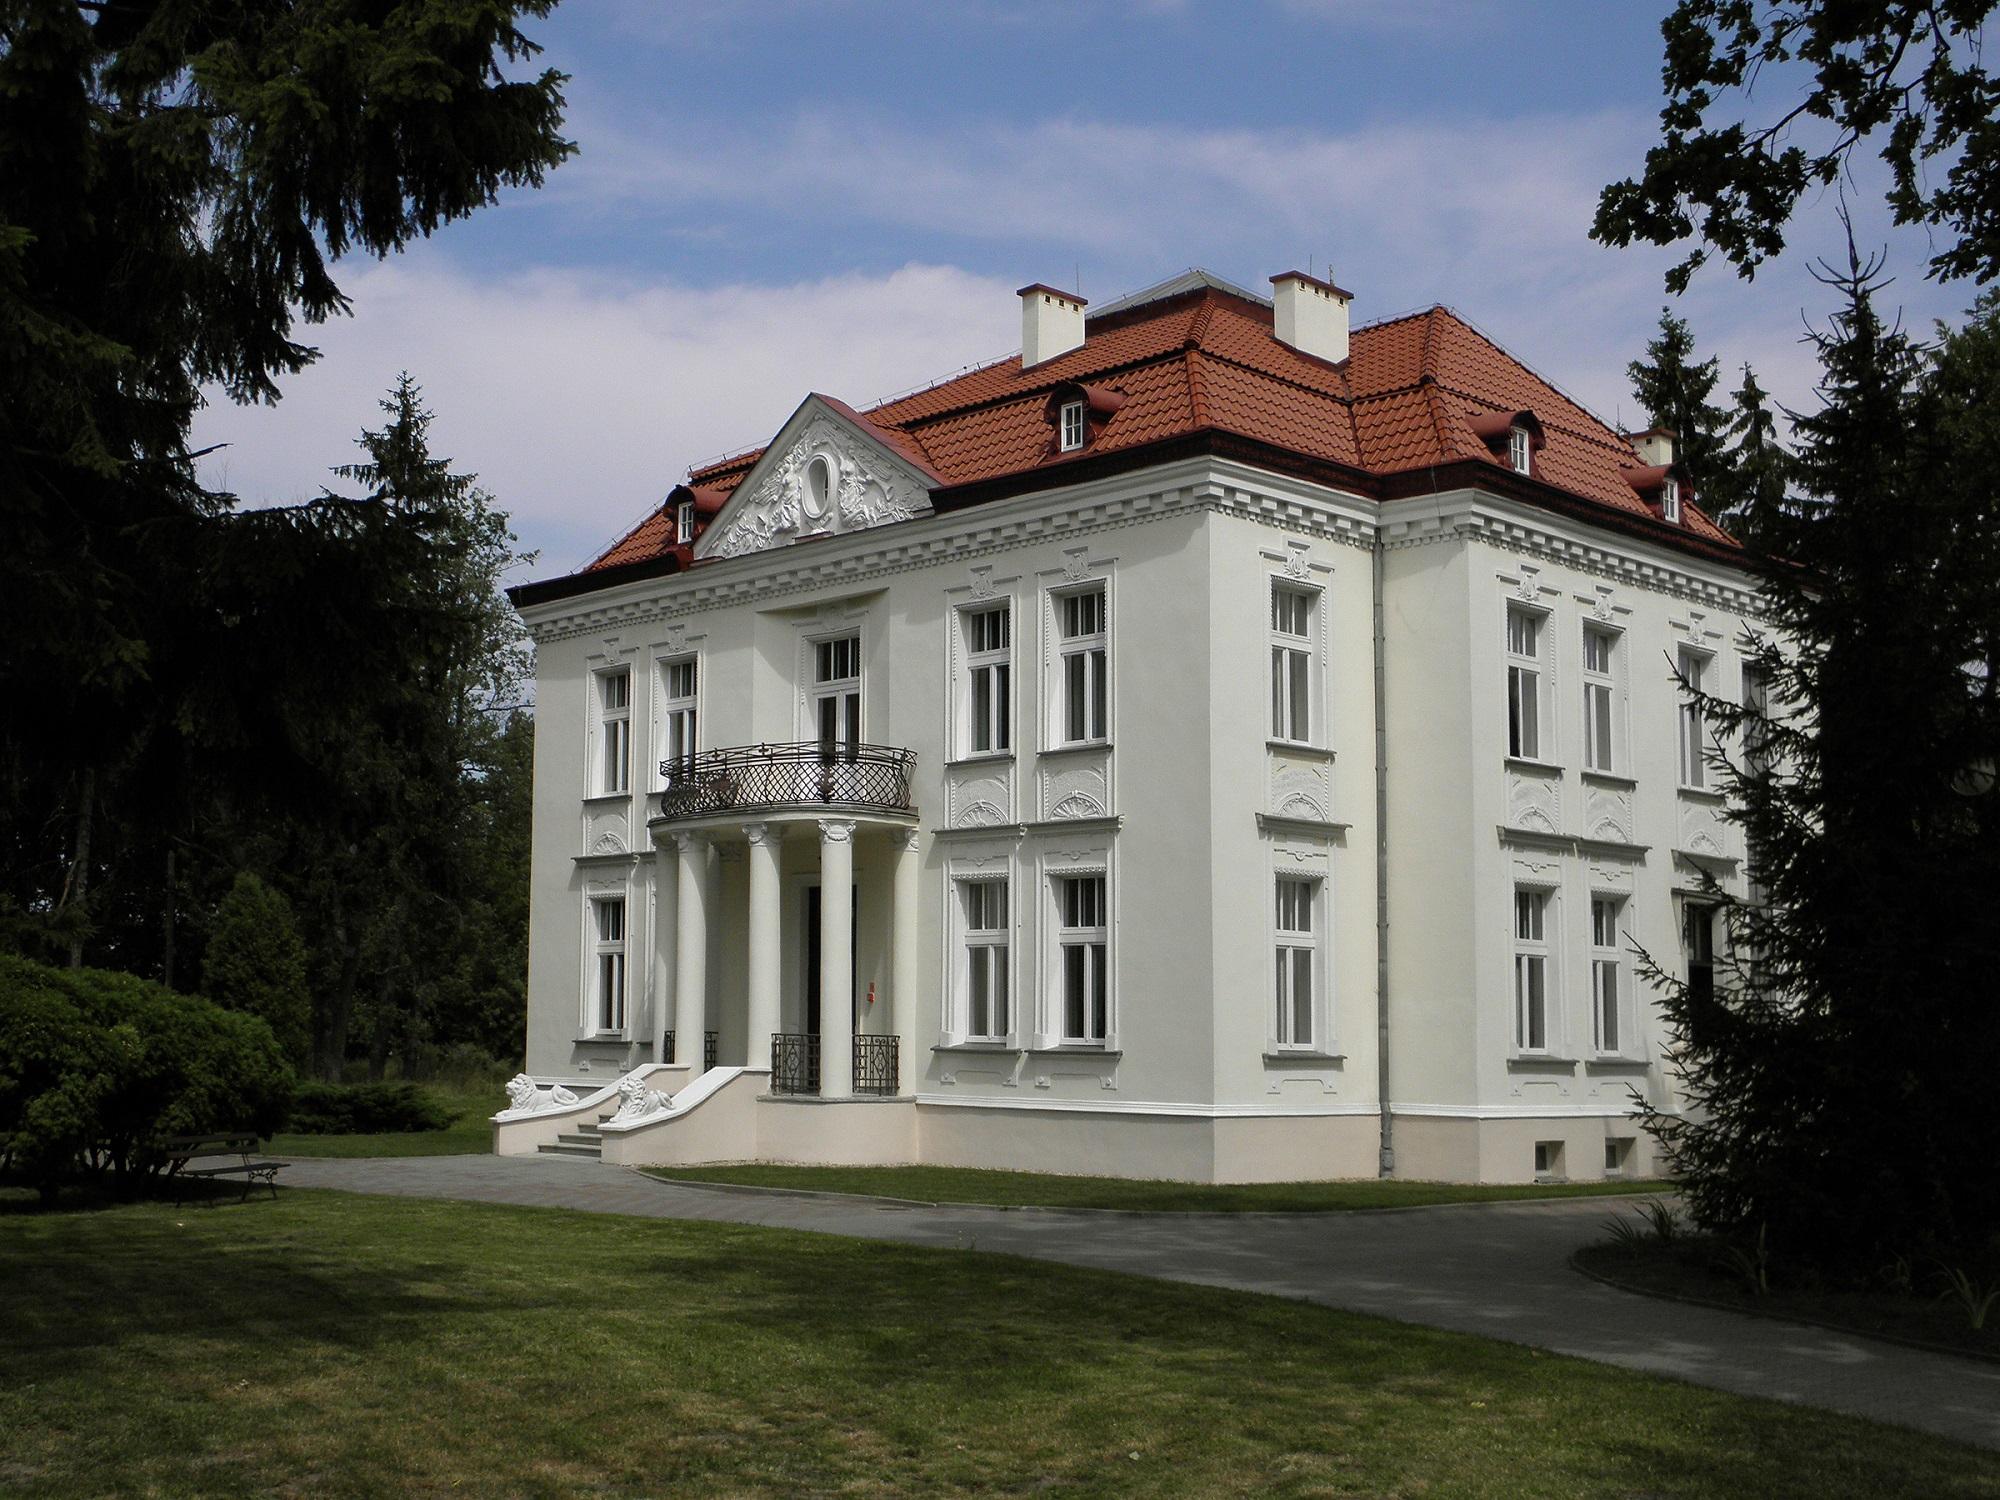 Muzeum Witolda Gombrowicza we Wsoli (fot. Wikipedia)